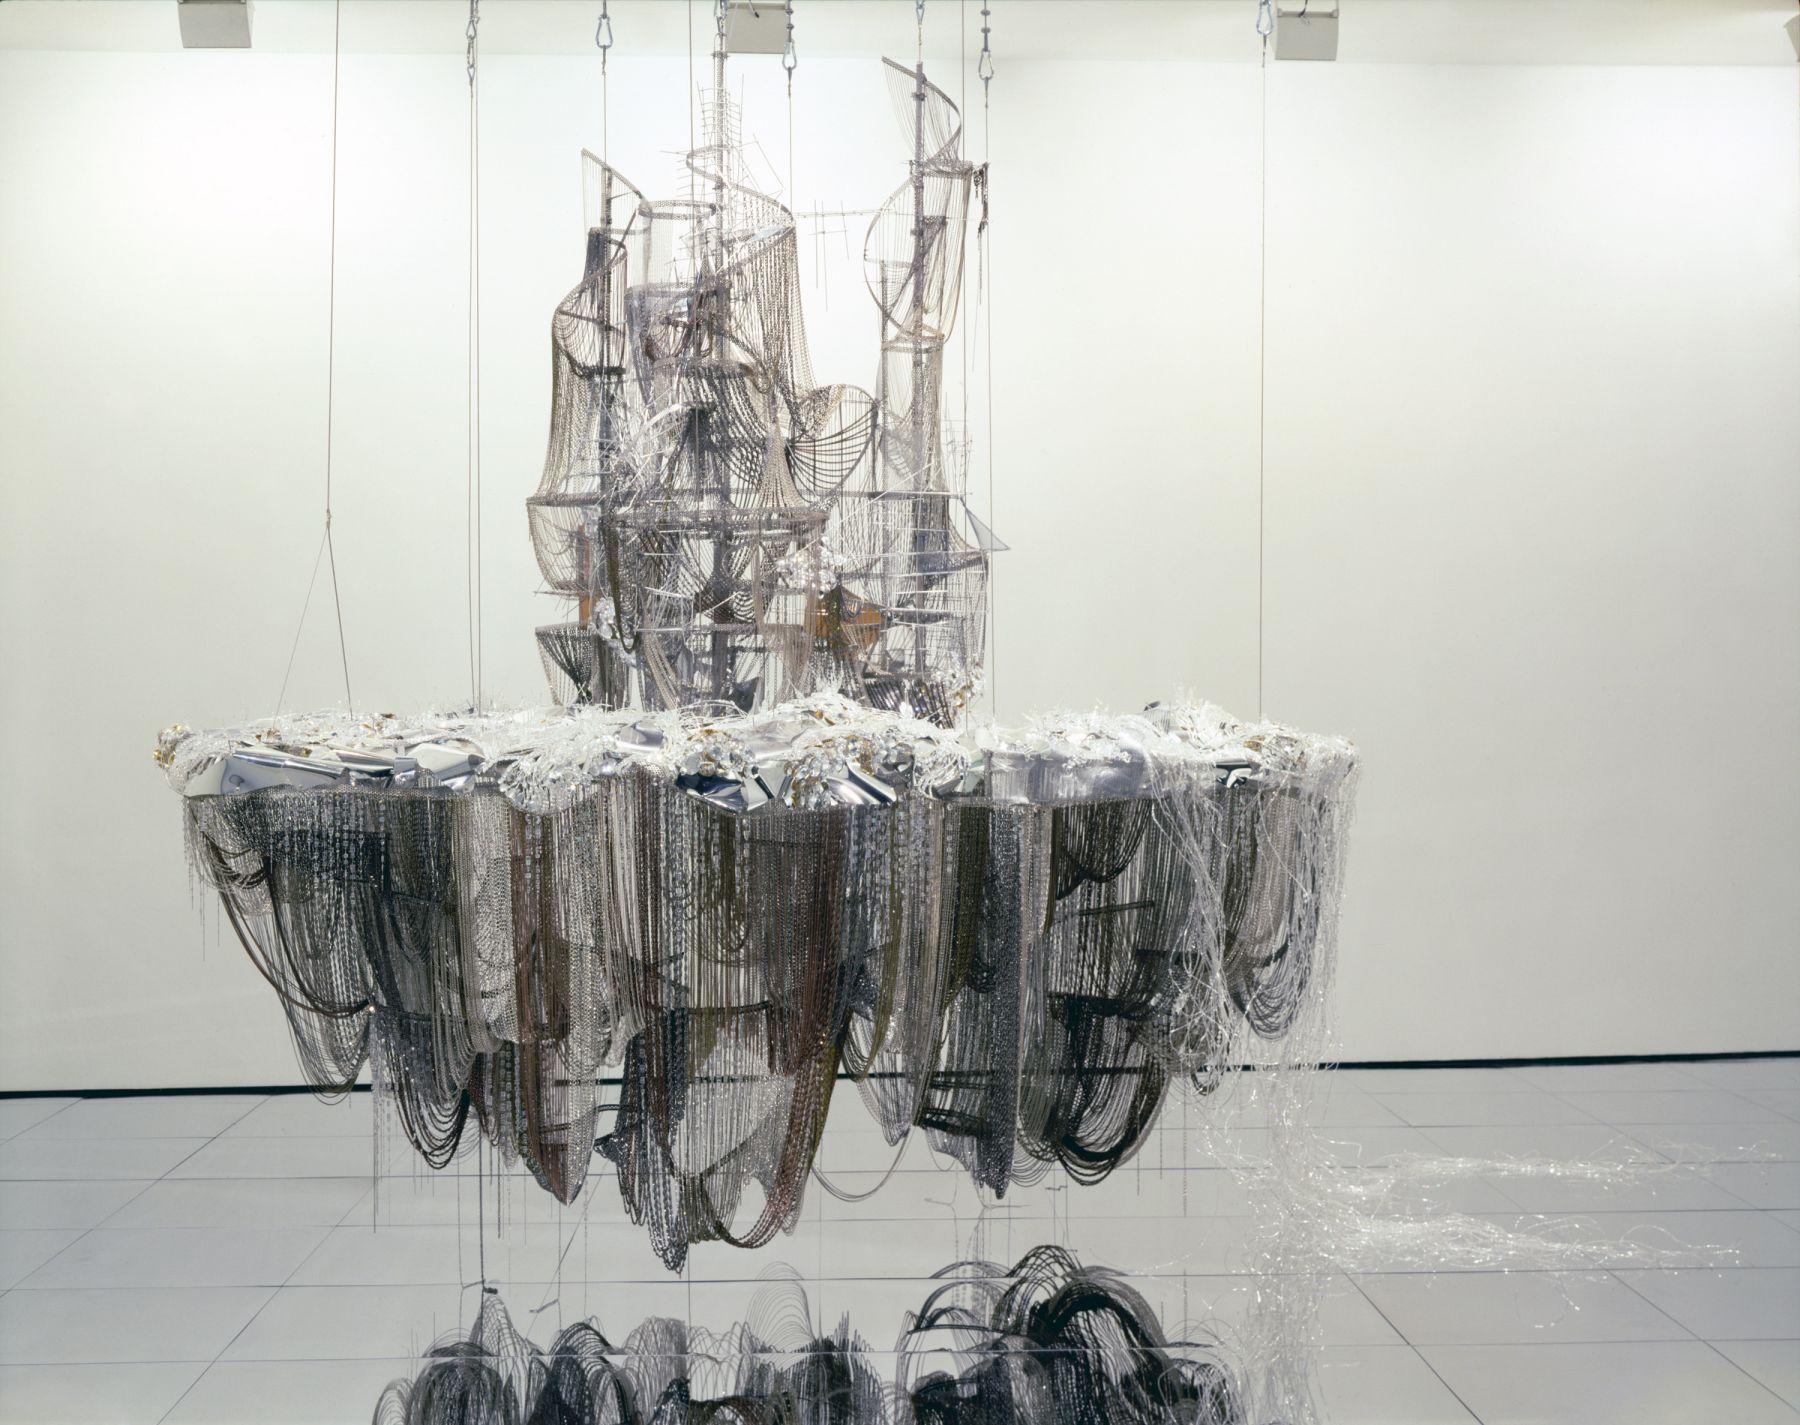 李昢 After Bruno Taut (Negative Capability), 2008